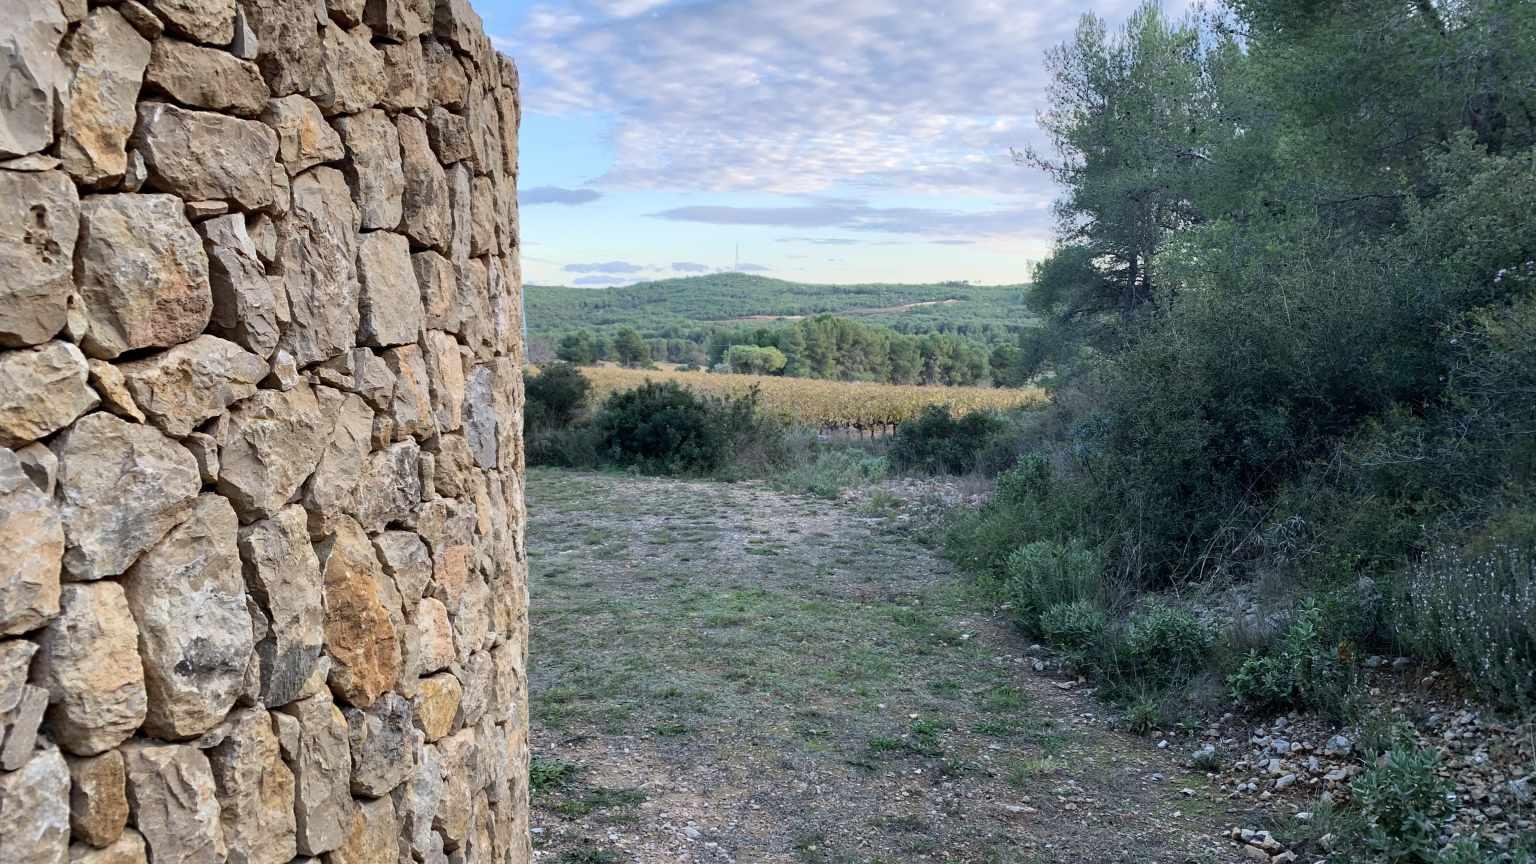 Vistes des de la Barraca Rossellet (Barraca entre Vinyes)